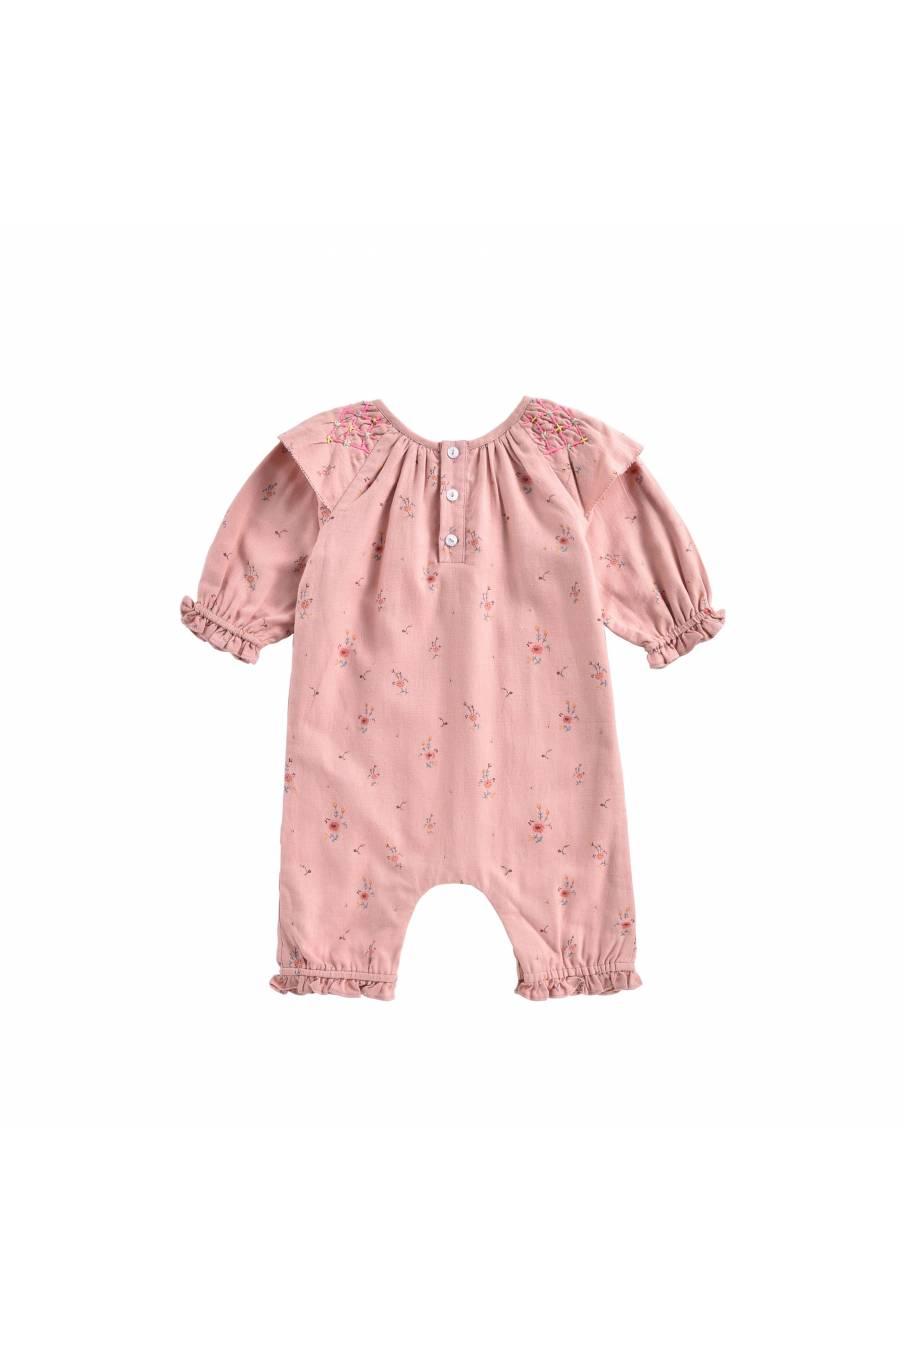 boheme chic vintage combinaison bébé fille lulia sienna meadows